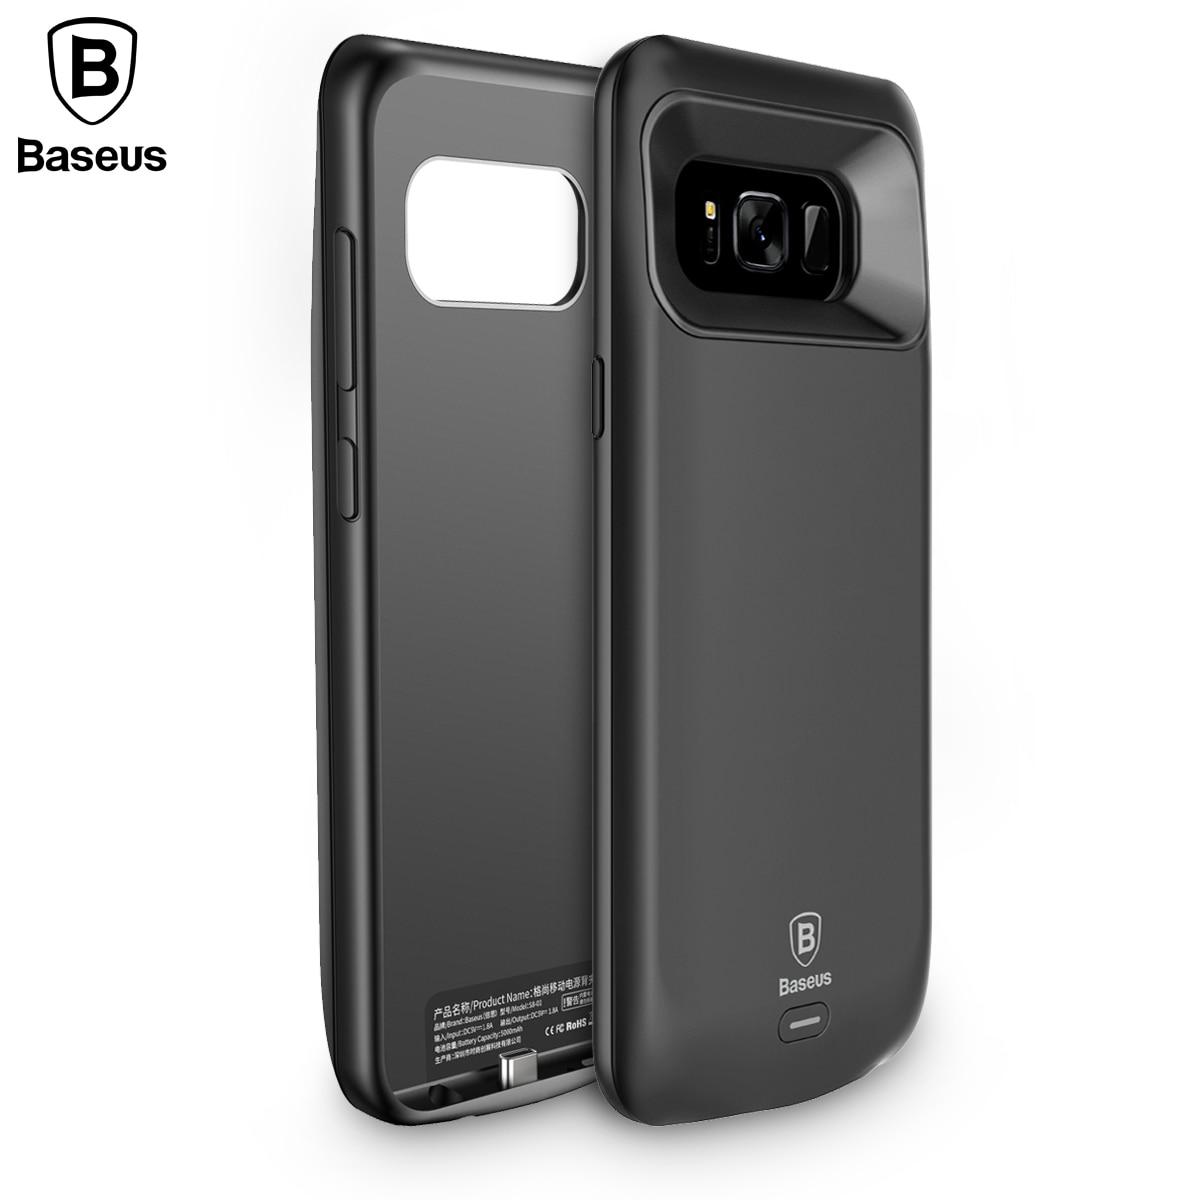 imágenes para De Baseus Caso Del Cargador de Batería Para Samsung S8 S8 + 5500 mAh Batería de Reserva Externa El Banco Para El Galaxy S8 Portátil Caso Powerbank